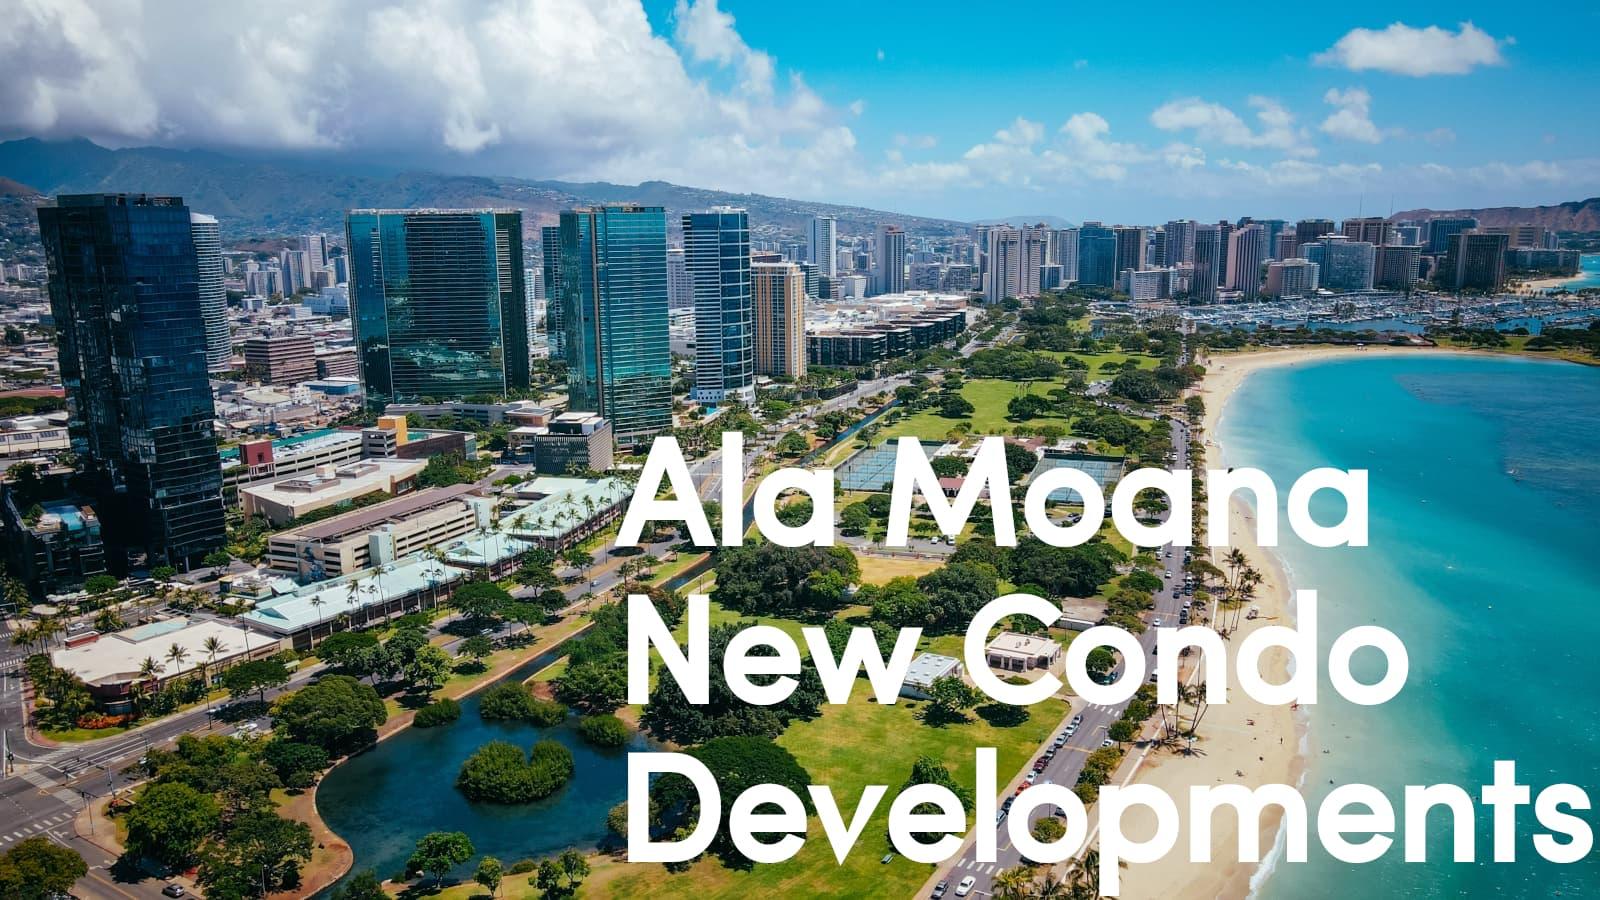 Ala Moana New Condo Developments overlaid over an aerial photo of Ala Moana, taken from above Ala Moana Beach Park